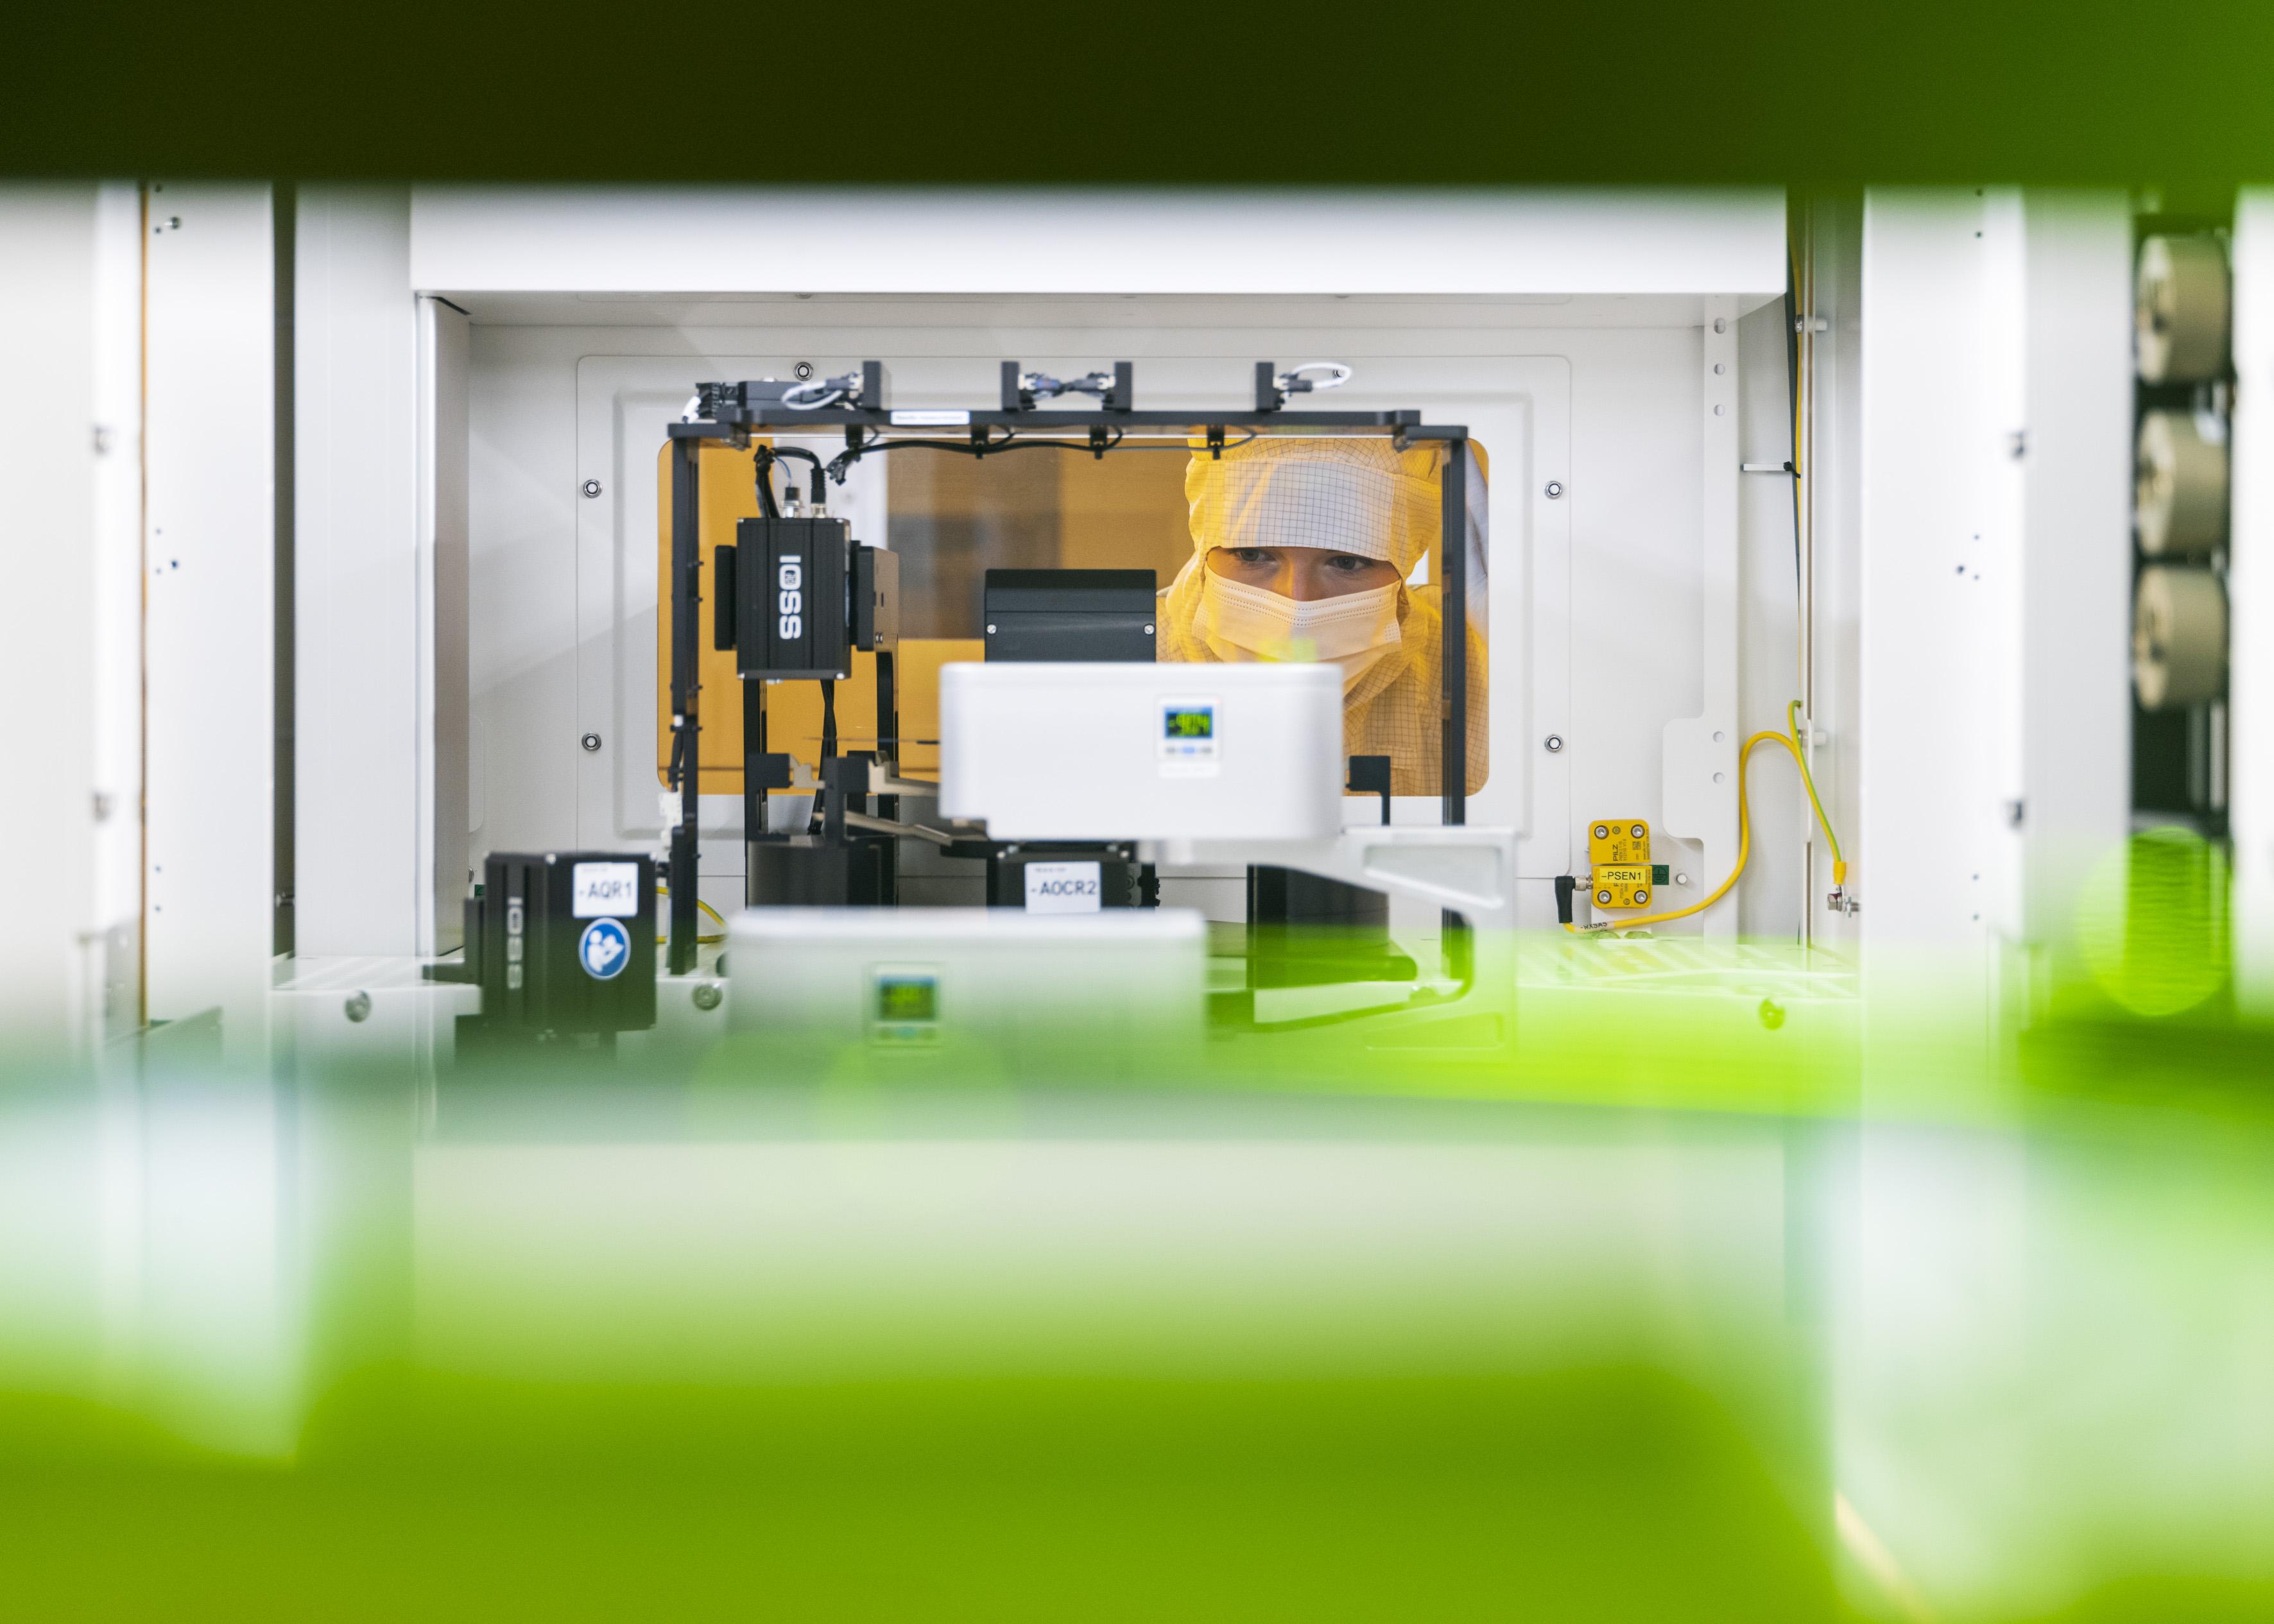 Továreň Bosch na čipy budúcnosti v Drážďanoch